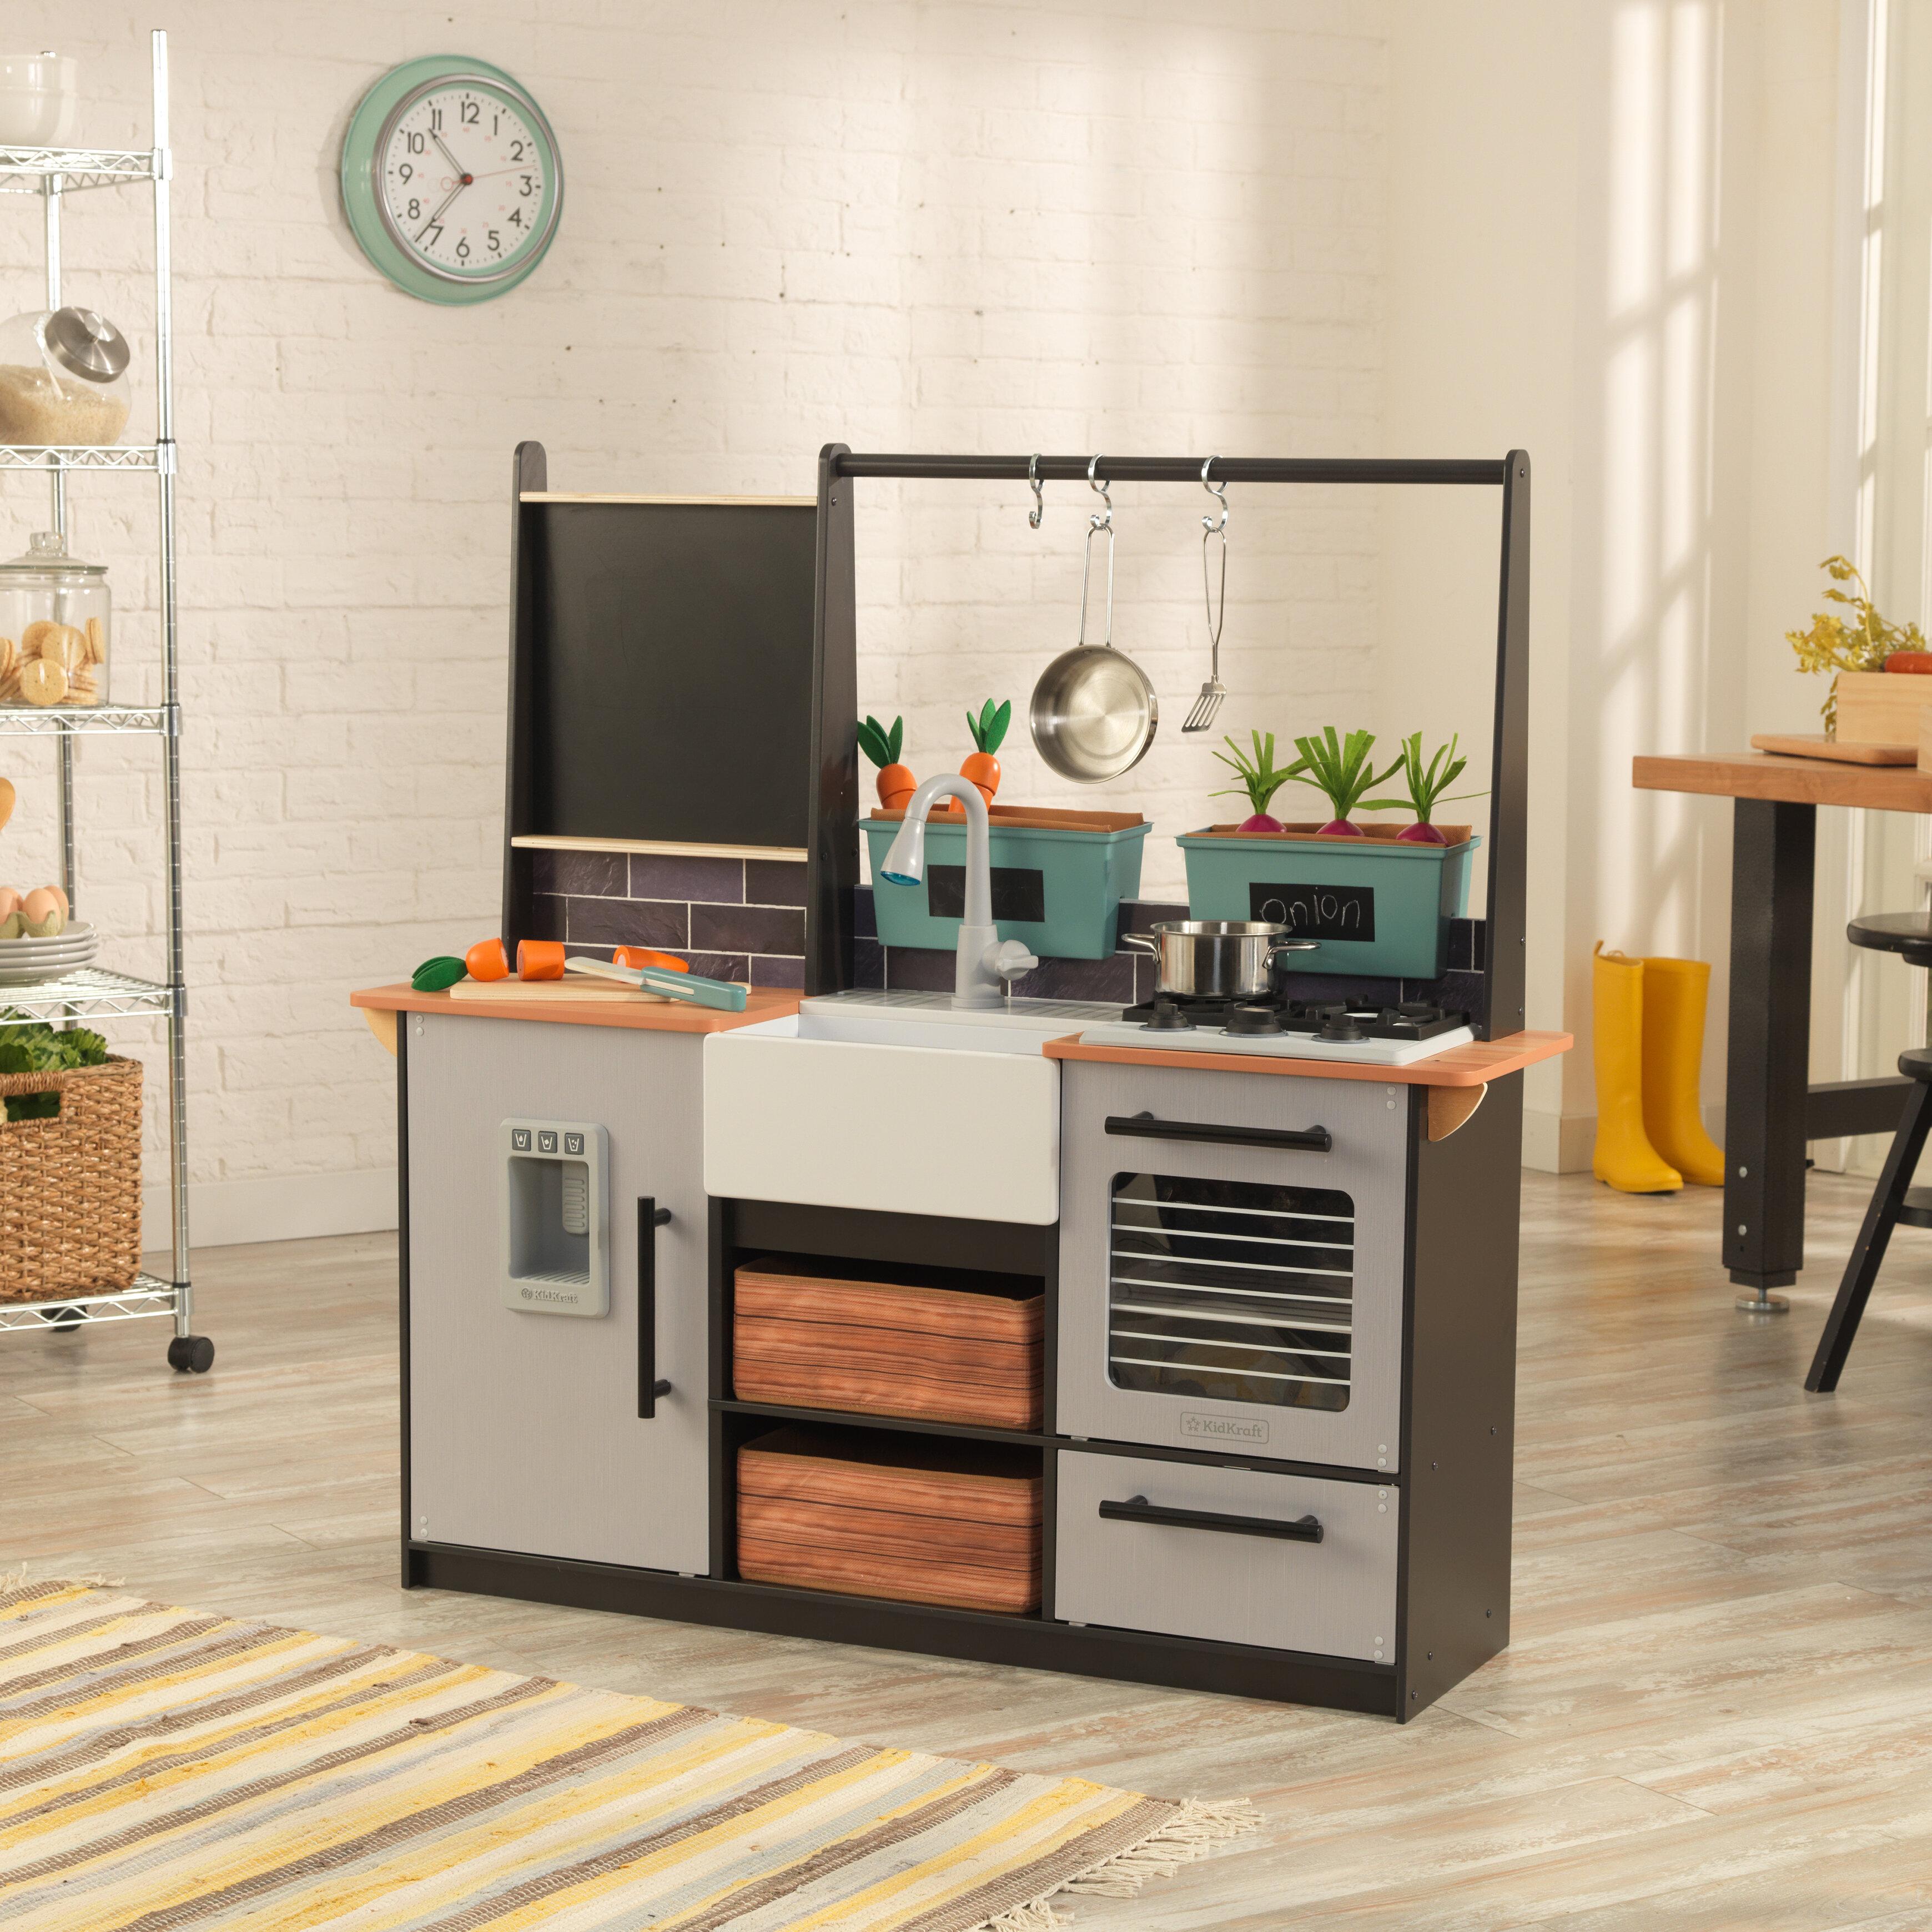 Kidkraft Farm To Table Play Kitchen Set Reviews Wayfair